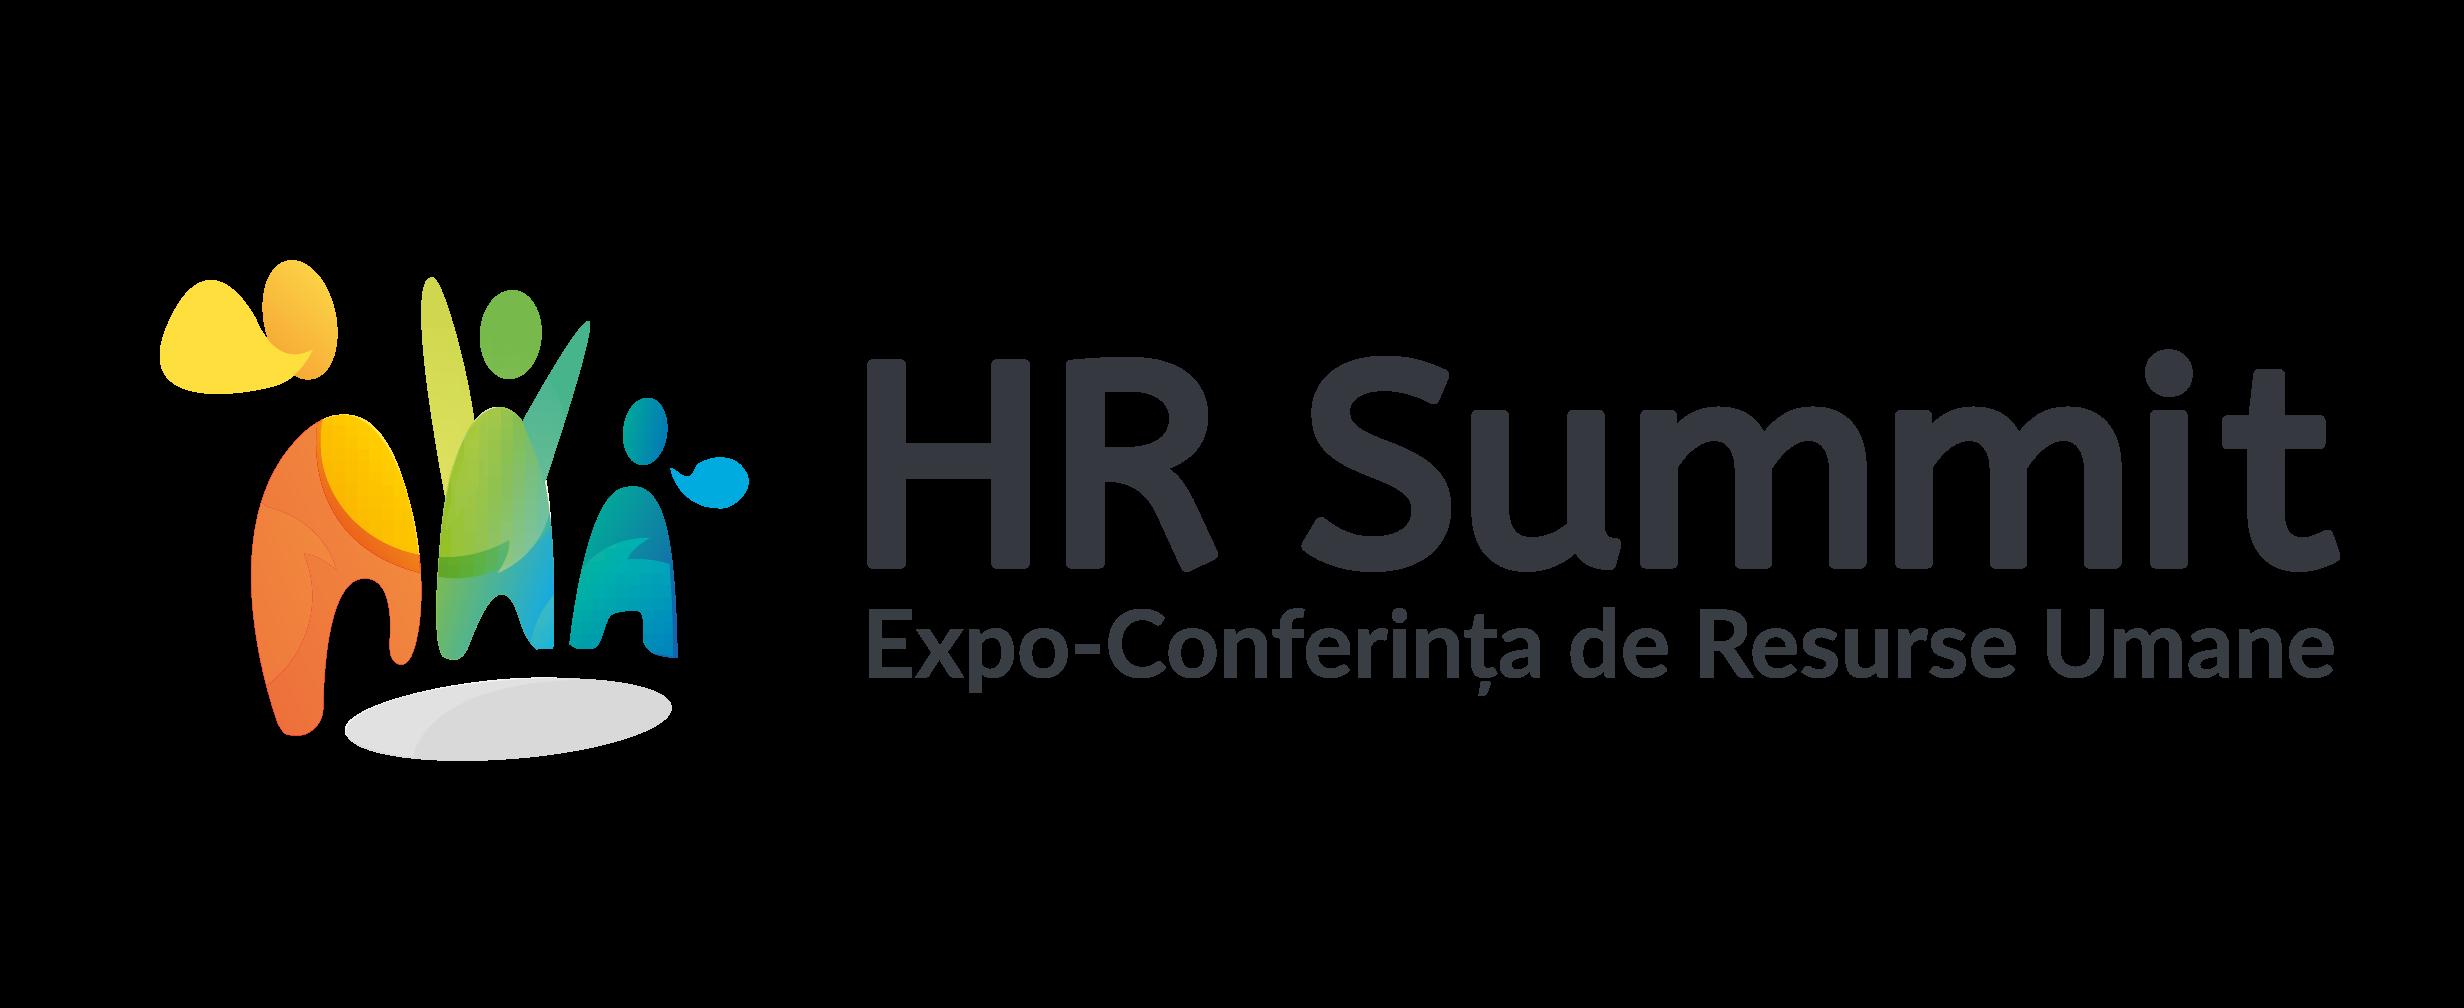 HR Summit - Expo-Conferinta de Resurse Umane